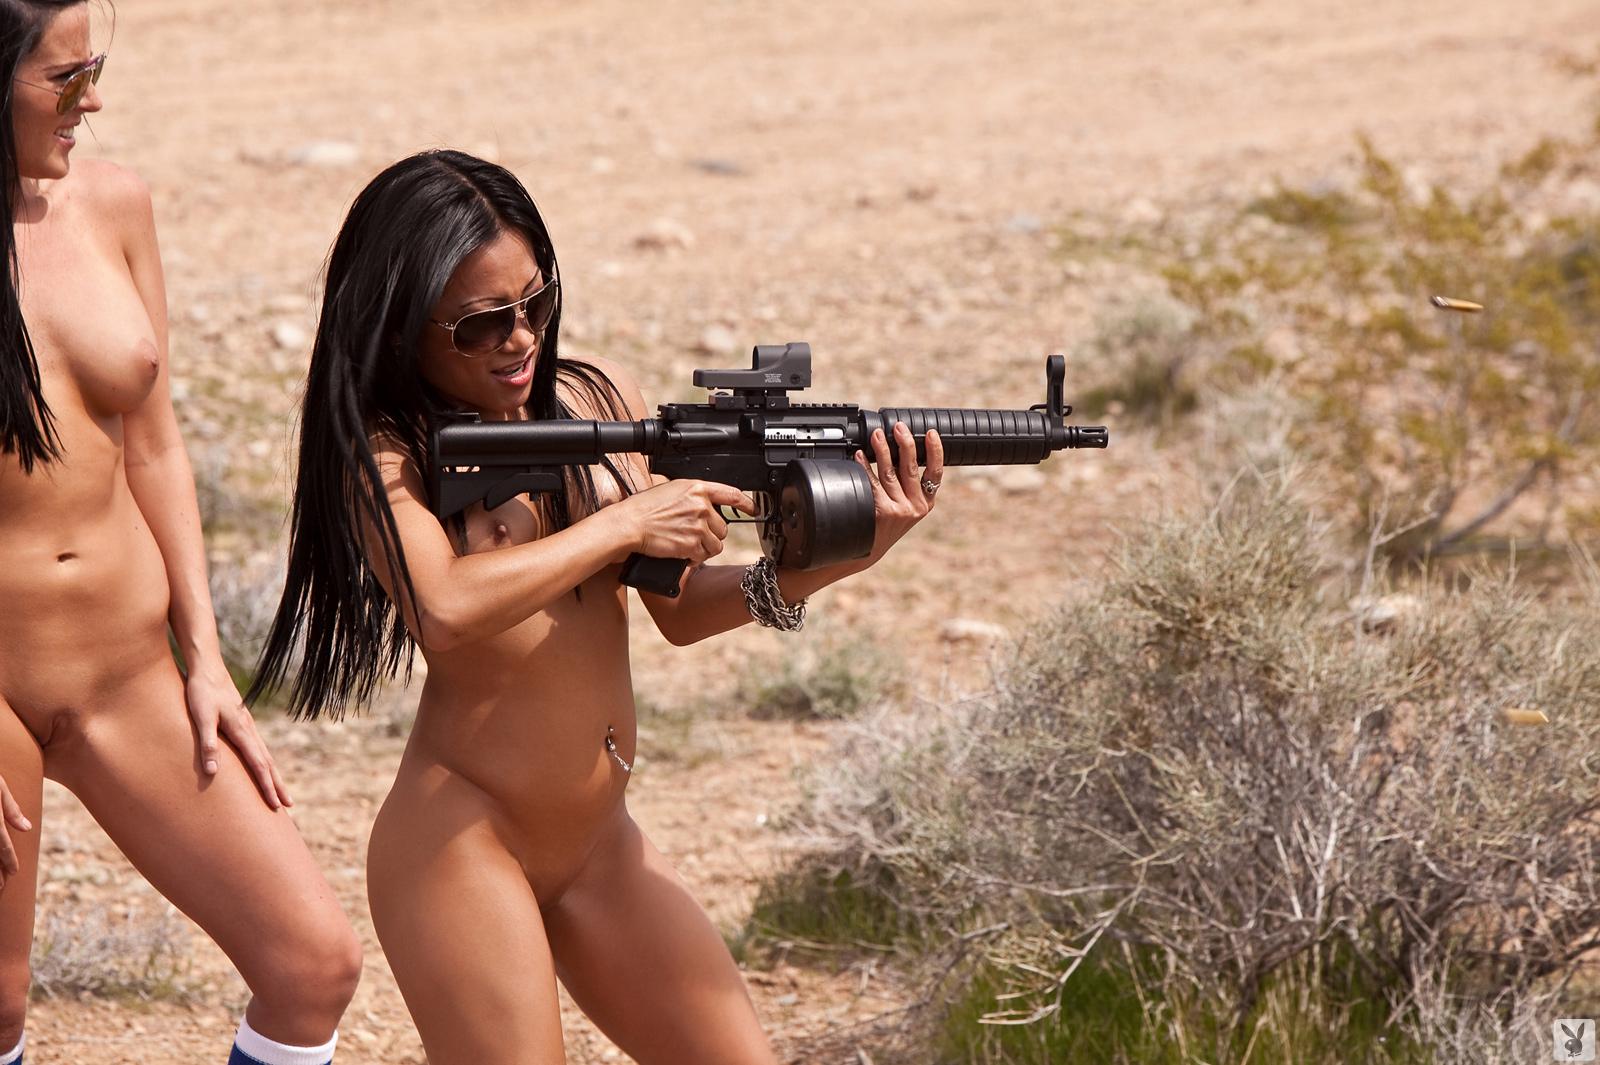 playboy-badass-nude-episode-01-guns-desert-06